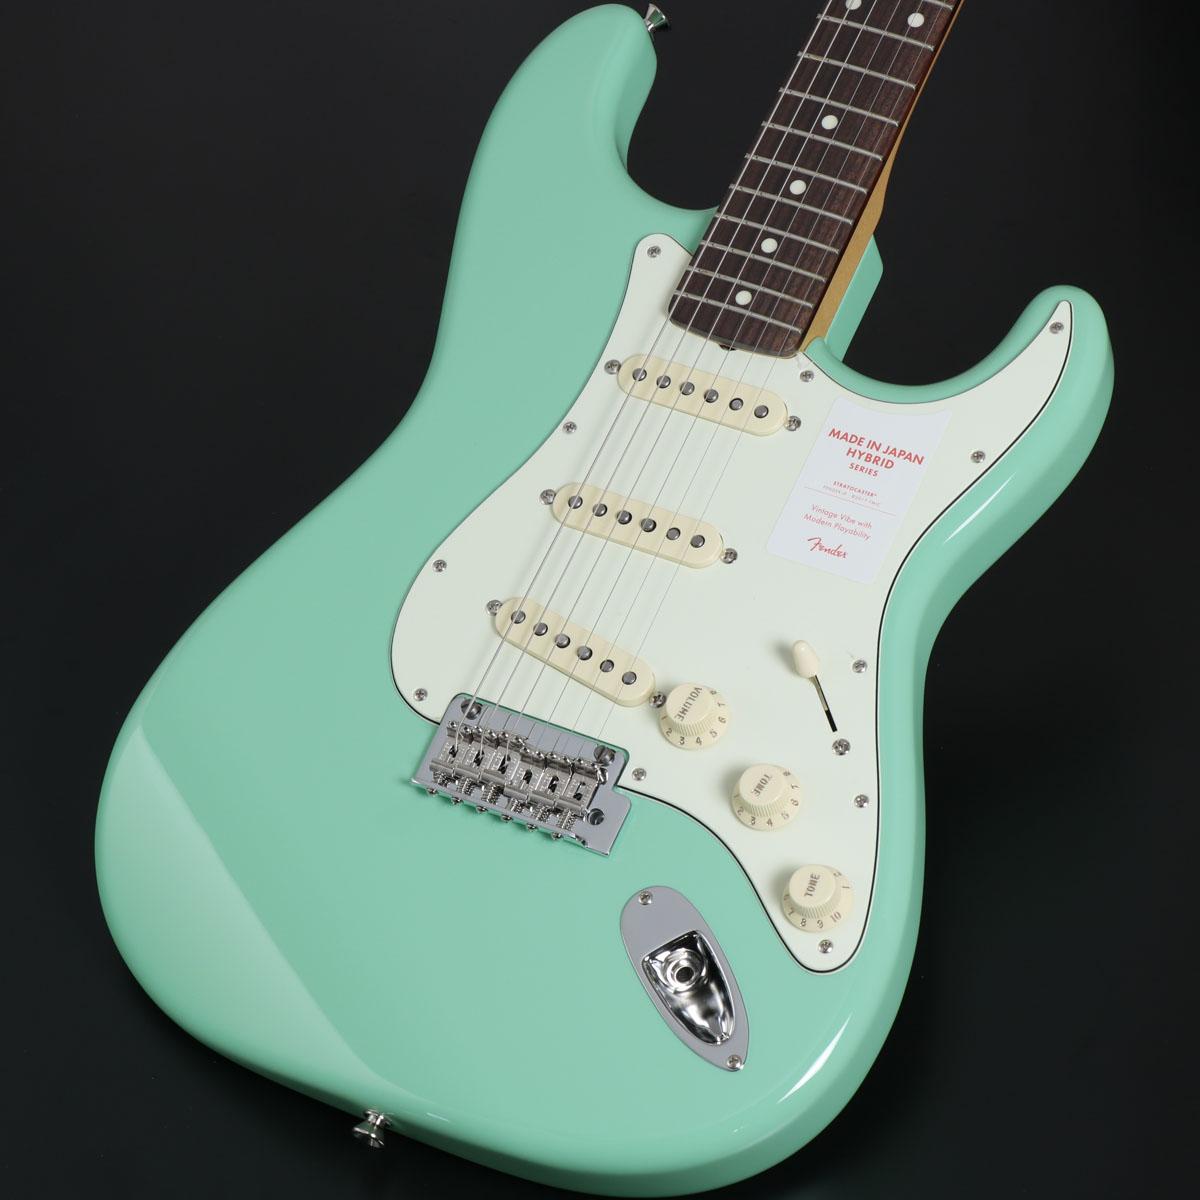 Fender / Made in Japan Hybrid 60s Stratocaster Surf Green【御茶ノ水本店】